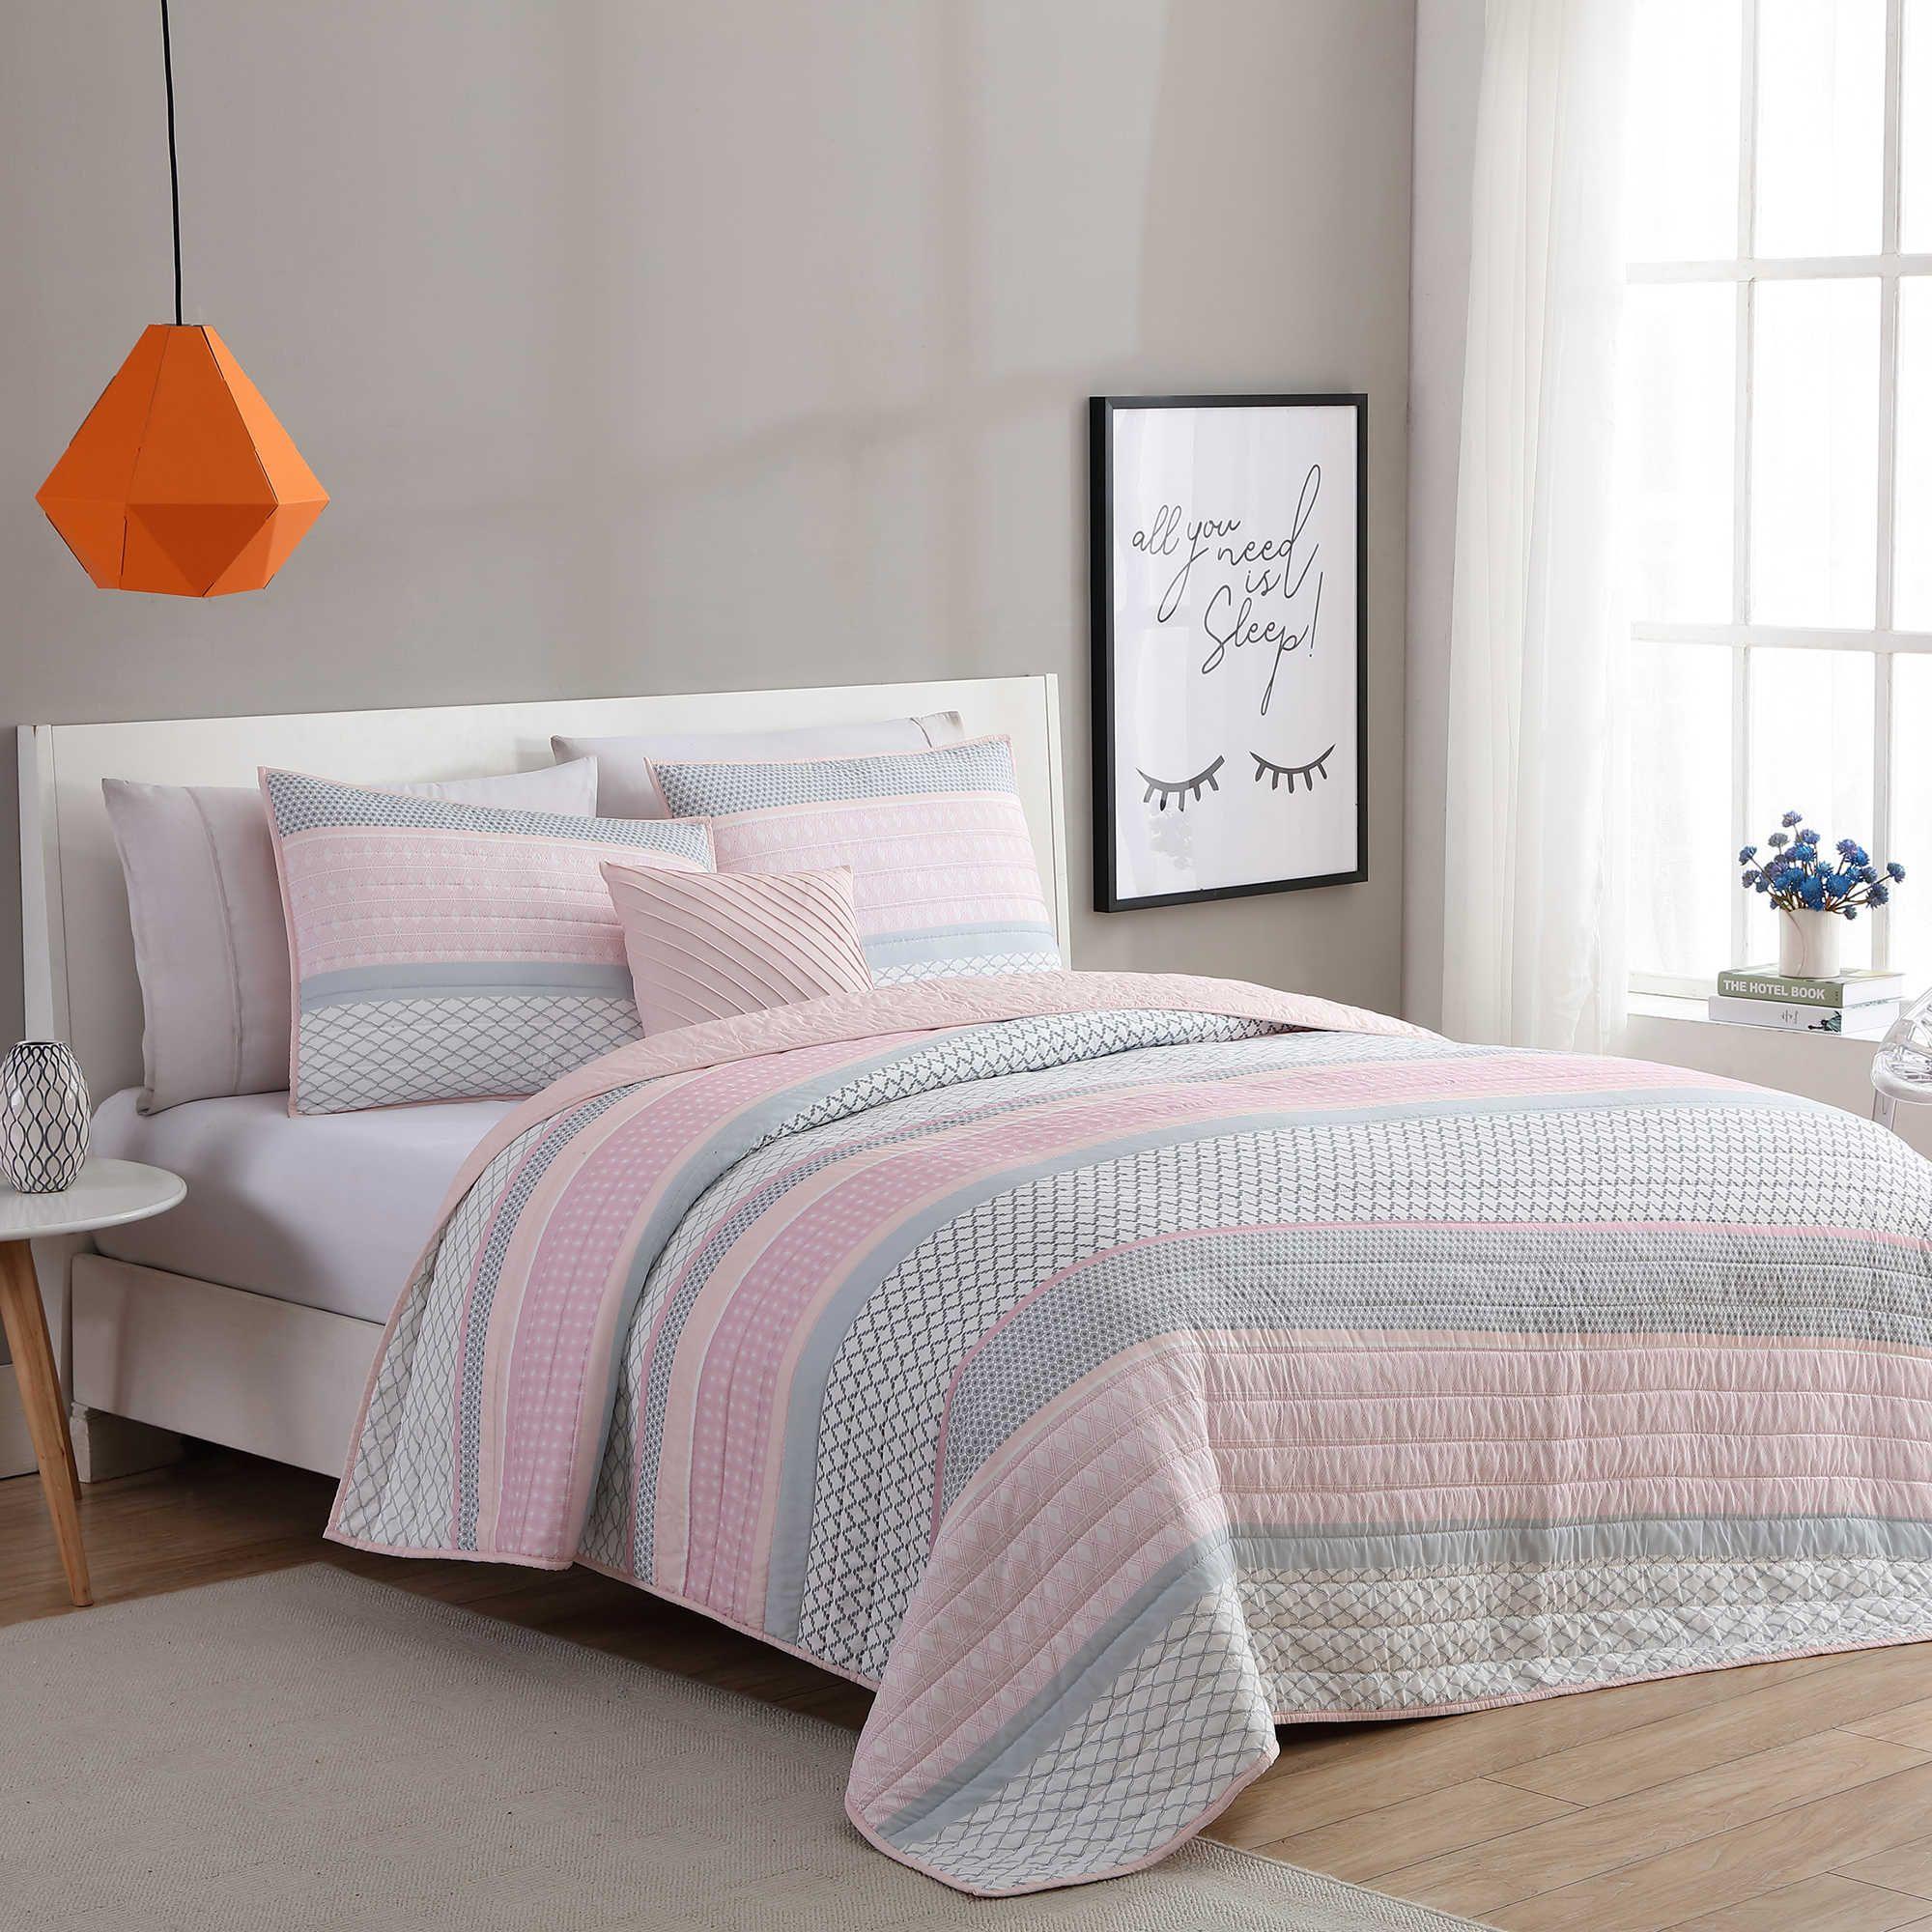 Vcny Home Stockholm Quilt Set In Pink Grey Pink Bedroom Decor Remodel Bedroom Kids Bedroom Remodel